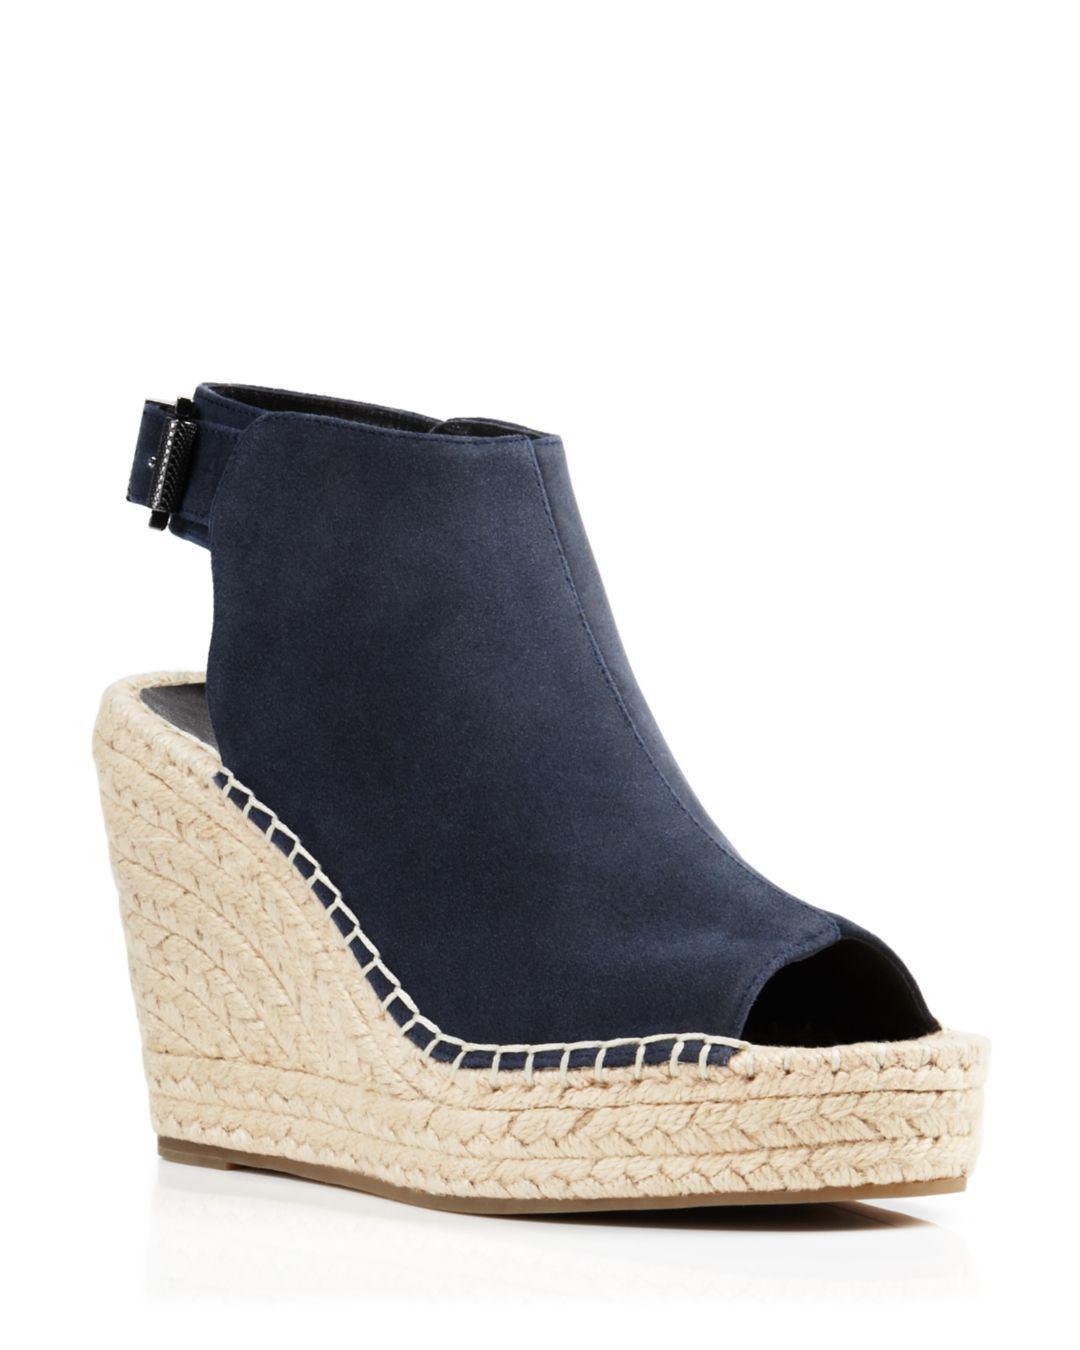 d2479ef6a51a Kenneth Cole. Women s Blue Olivia Suede Espadrille Wedge Platform Sandals